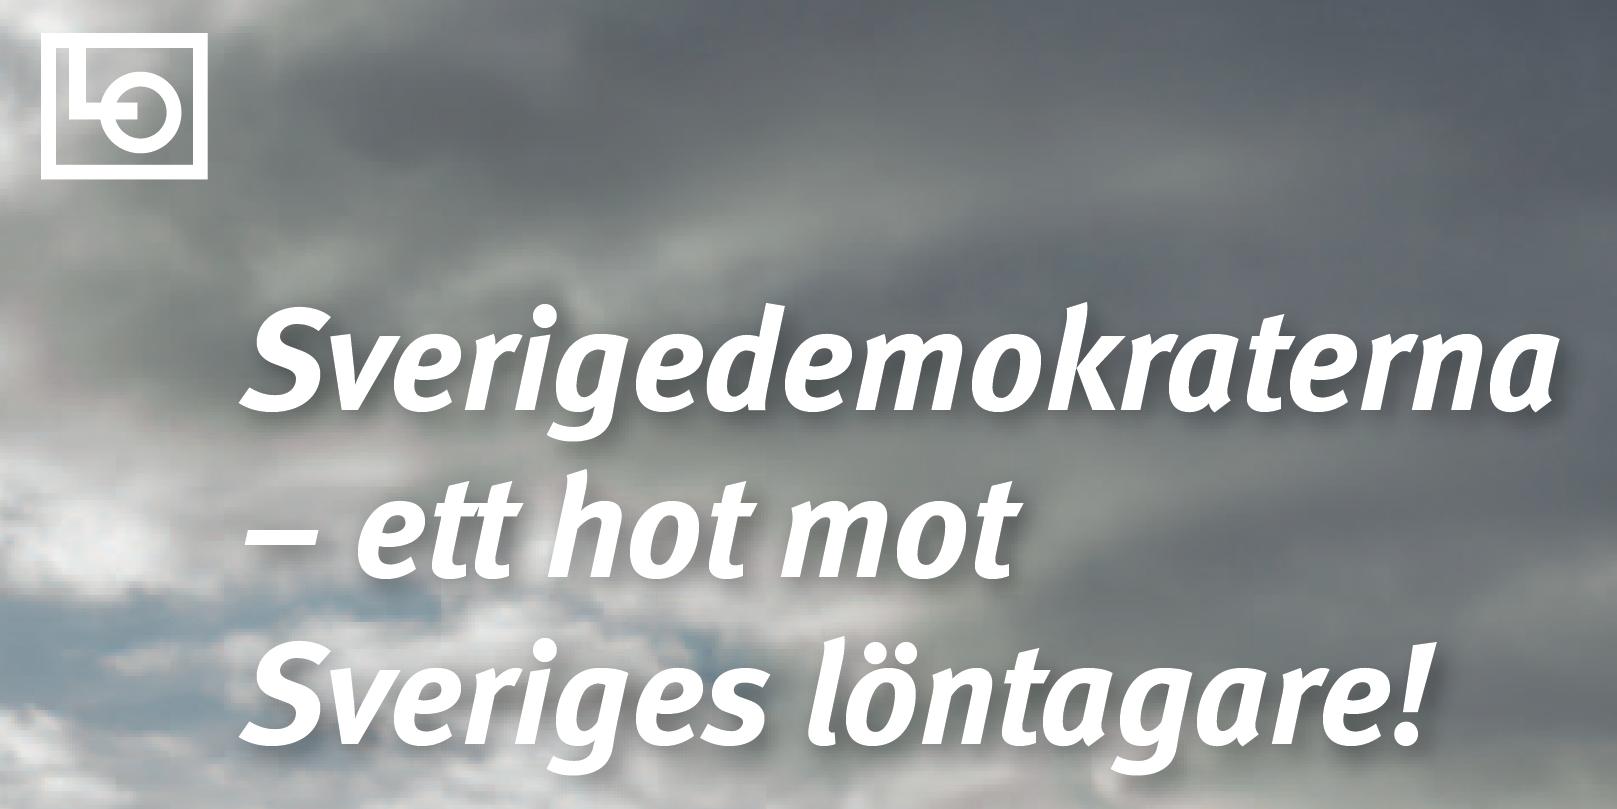 Lo Tycker Att Sd Ar Ett Hot Mot Sveriges Lontagare